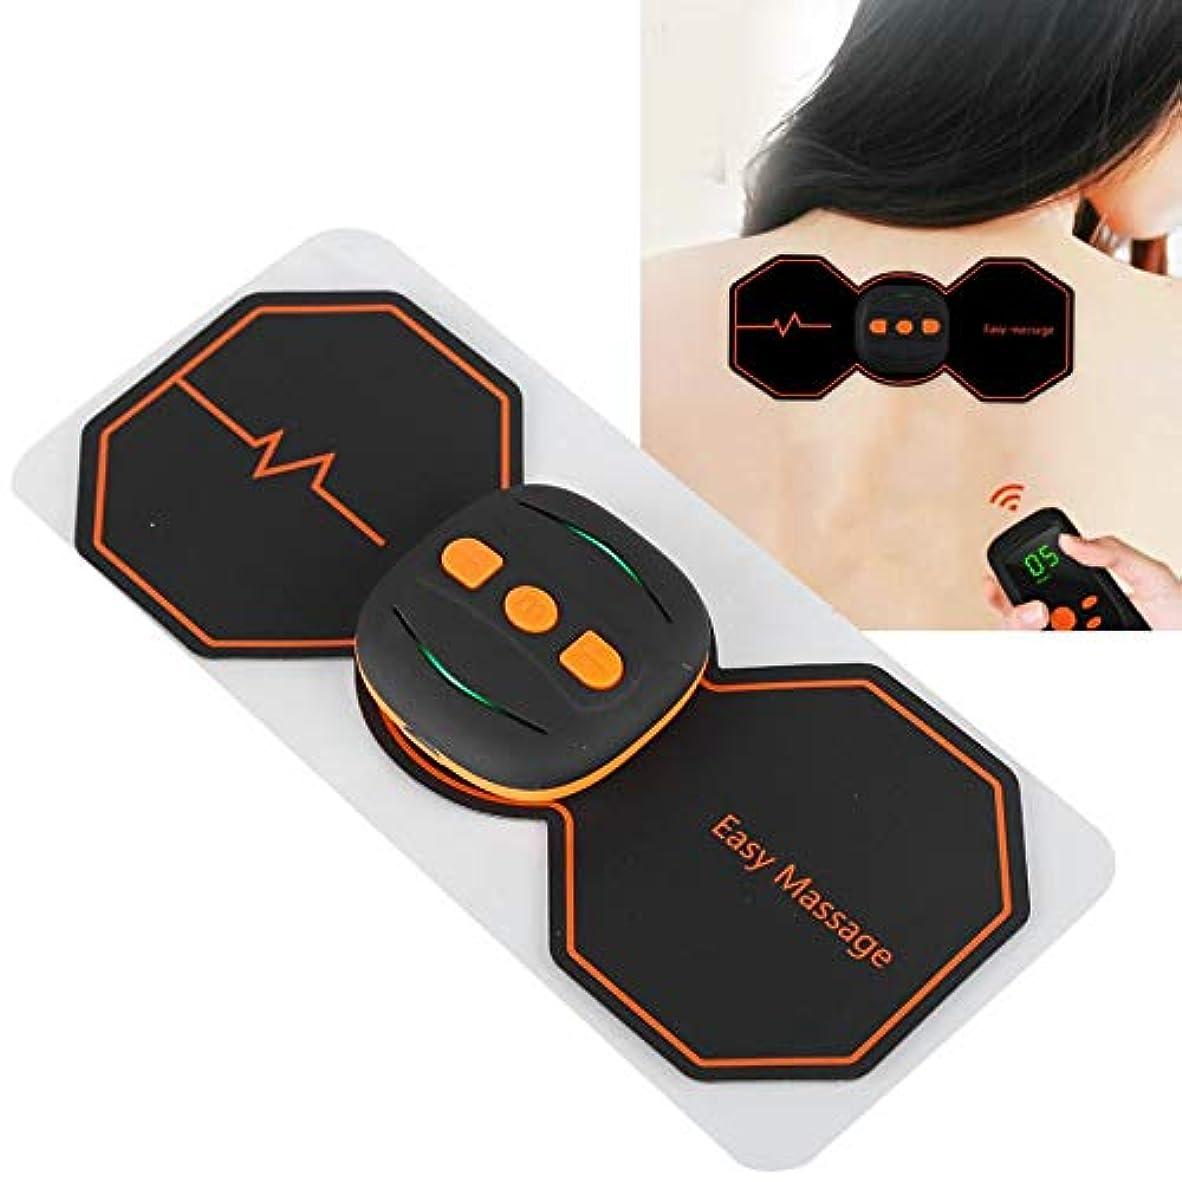 感情の追放会うセラピー充電式ワイヤレス頸椎マッサージャーネックウエストマッサージステッカーデバイス